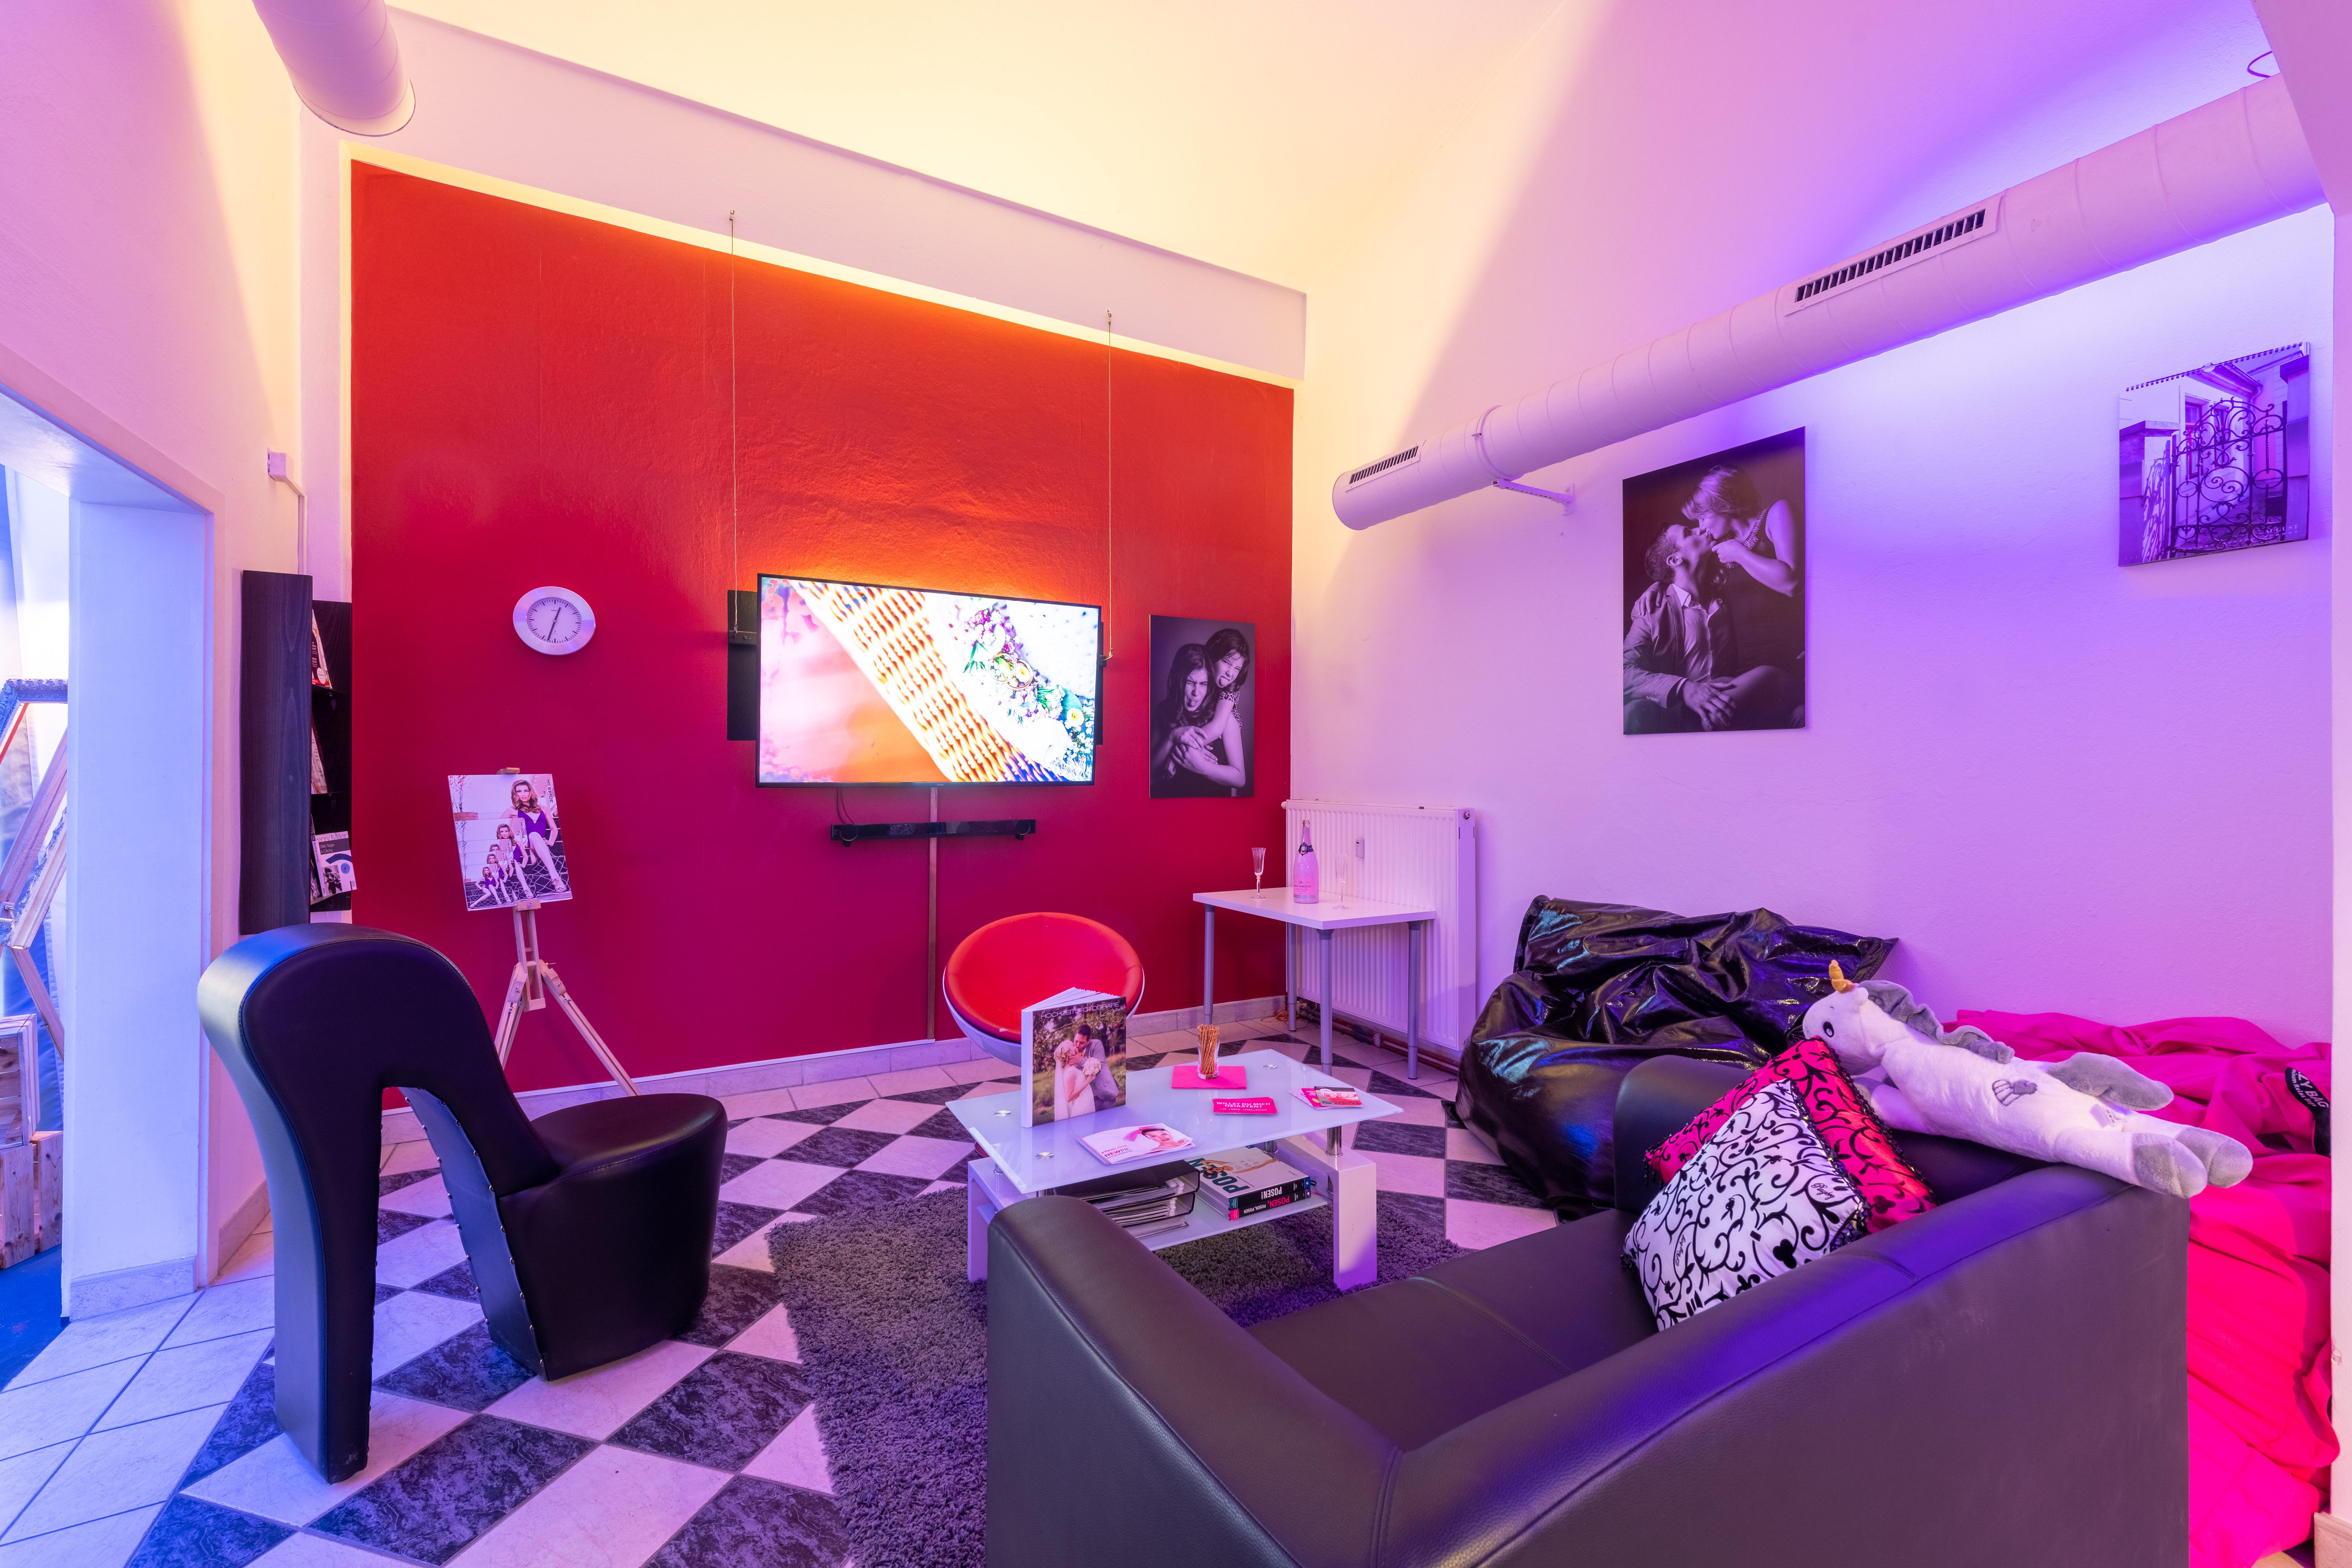 Fotostudio Loft in Dresden - Newpic Photography